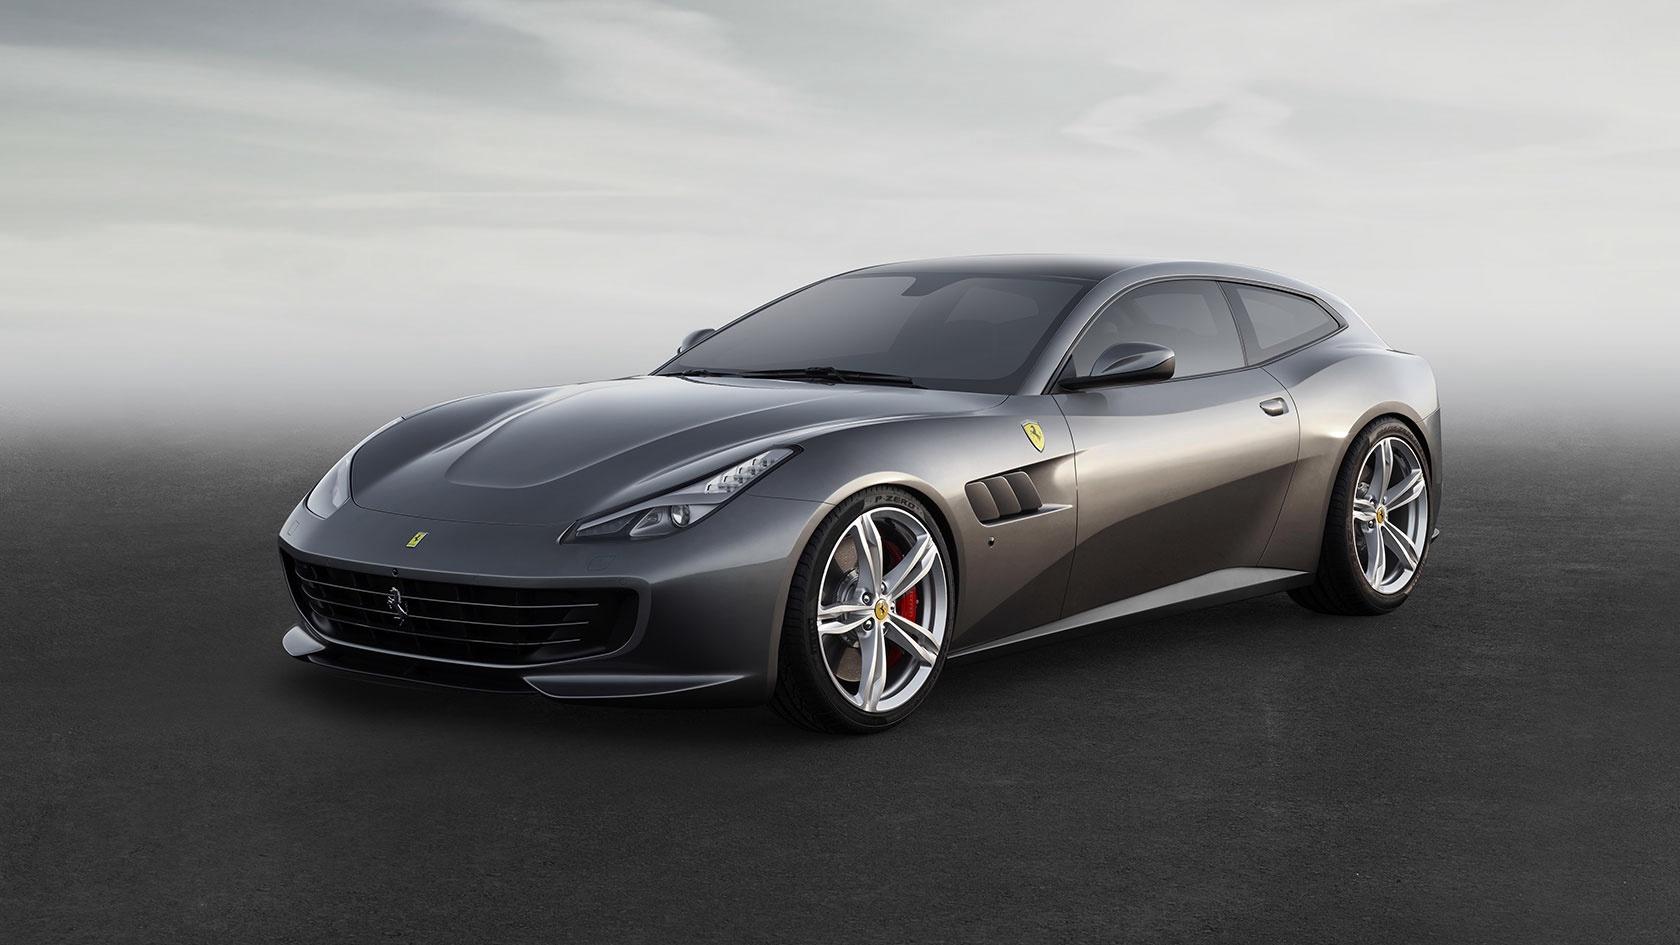 New 2019 Ferrari GTC4LUSSO  For Sale In Greenwich, CT. Alfa Romeo of Greenwich, XXX002 229_main